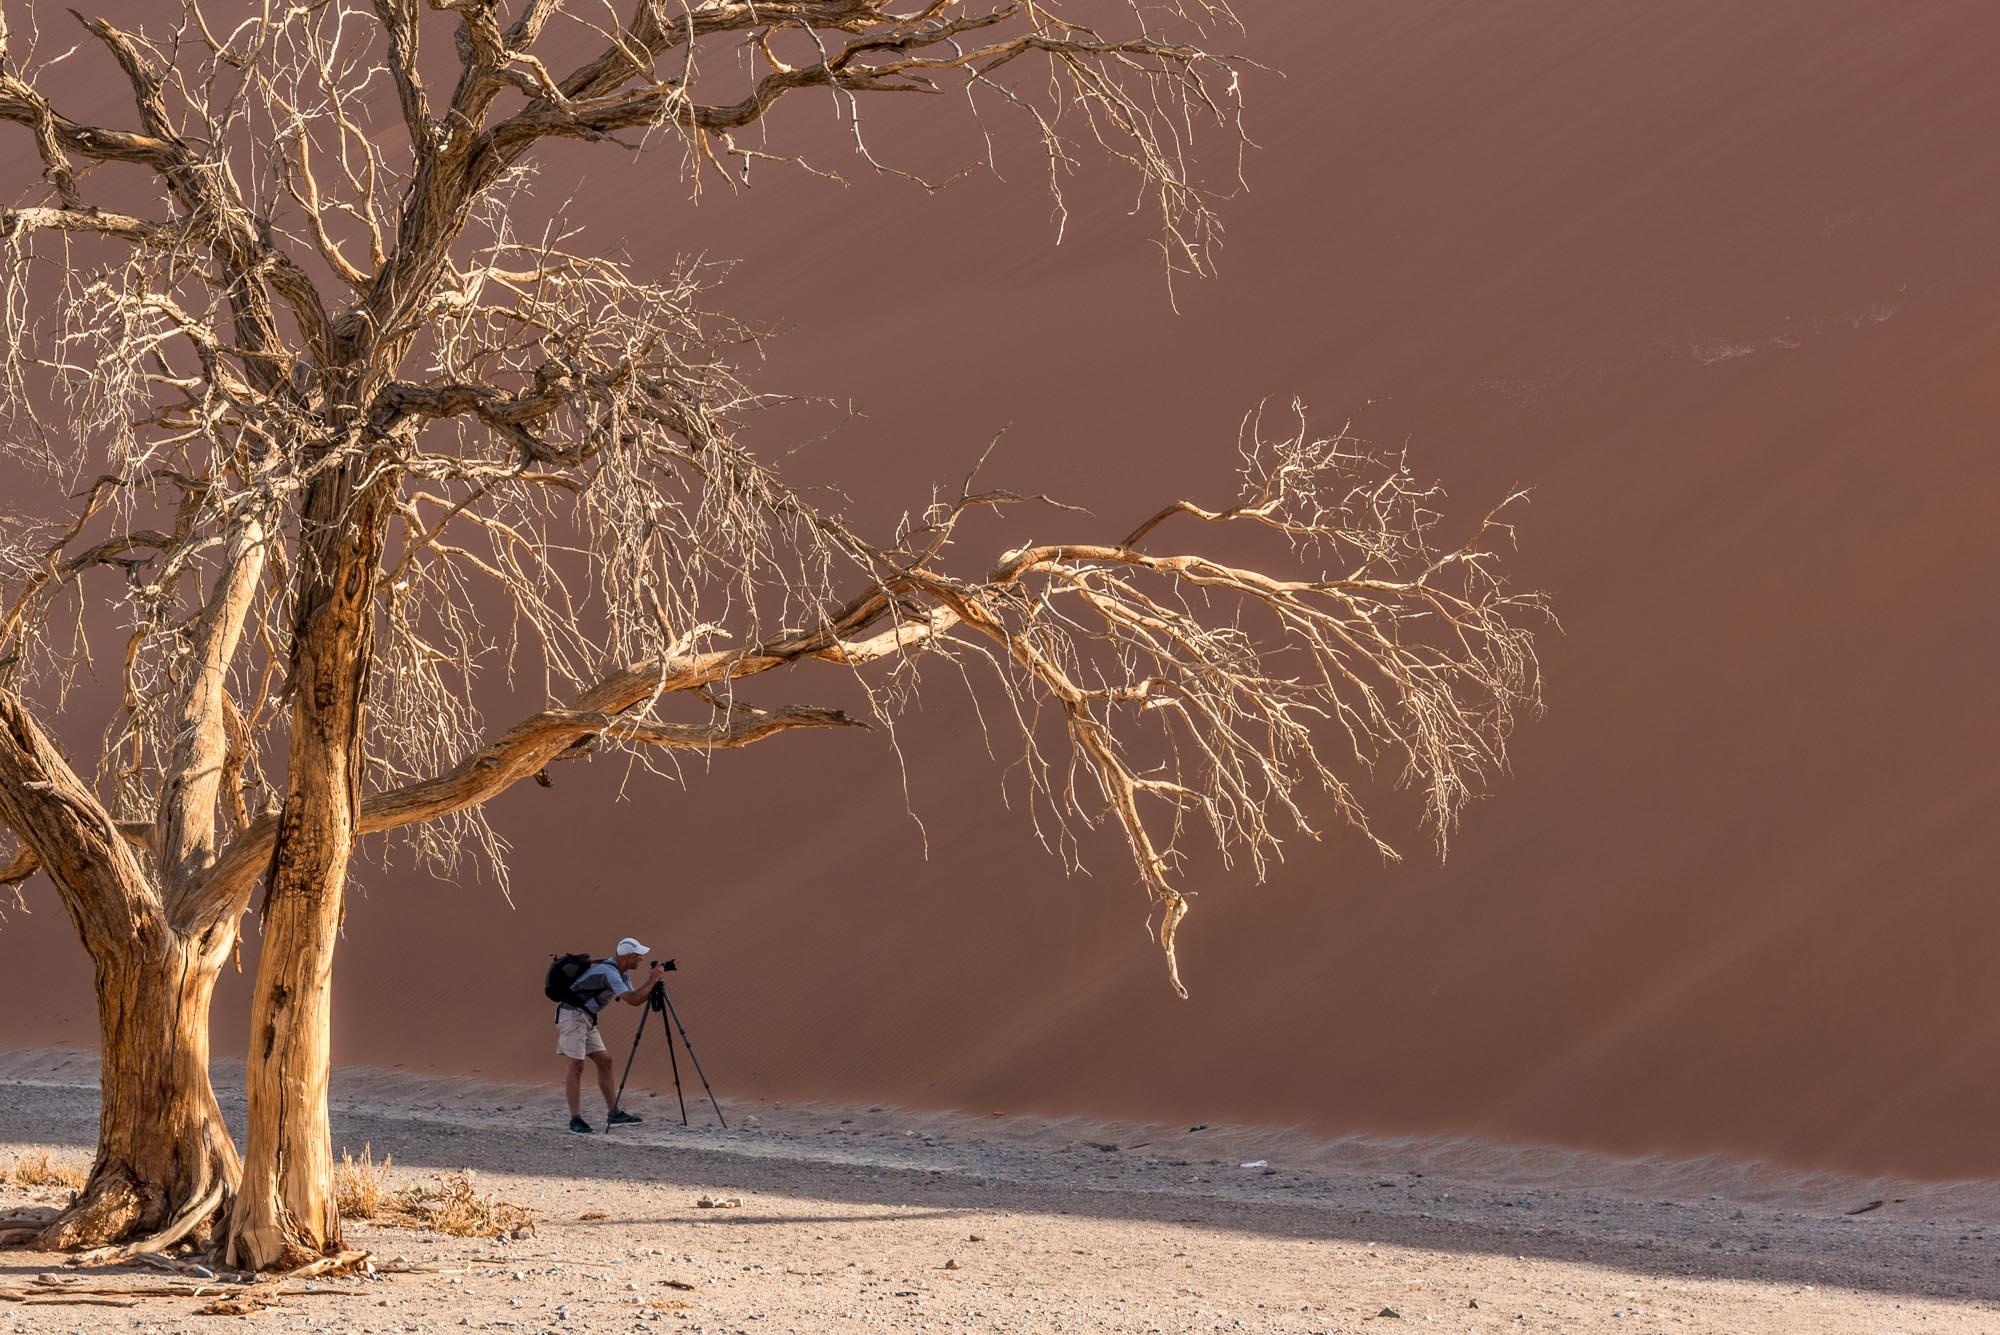 viaggio fotografico in namibia - fotografando il deserto